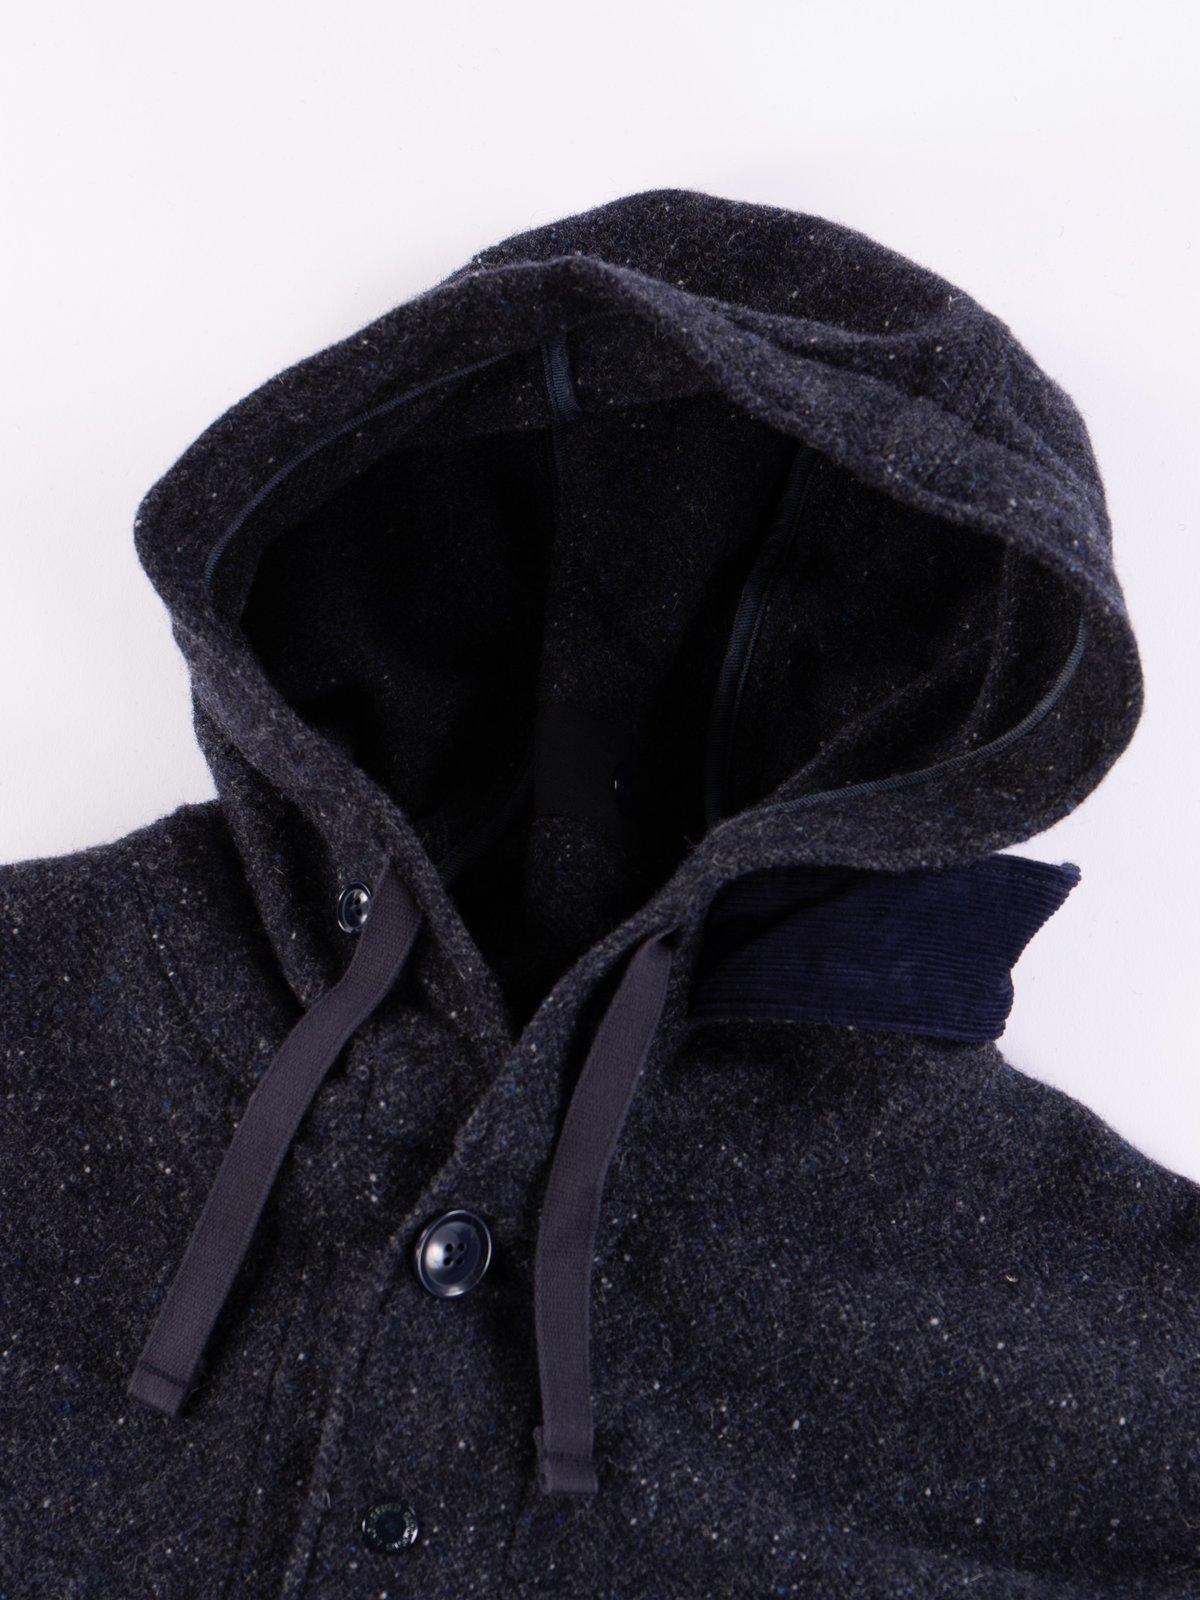 Navy Herringbone Donegal Wool Tweed Madison Parka - Image 7